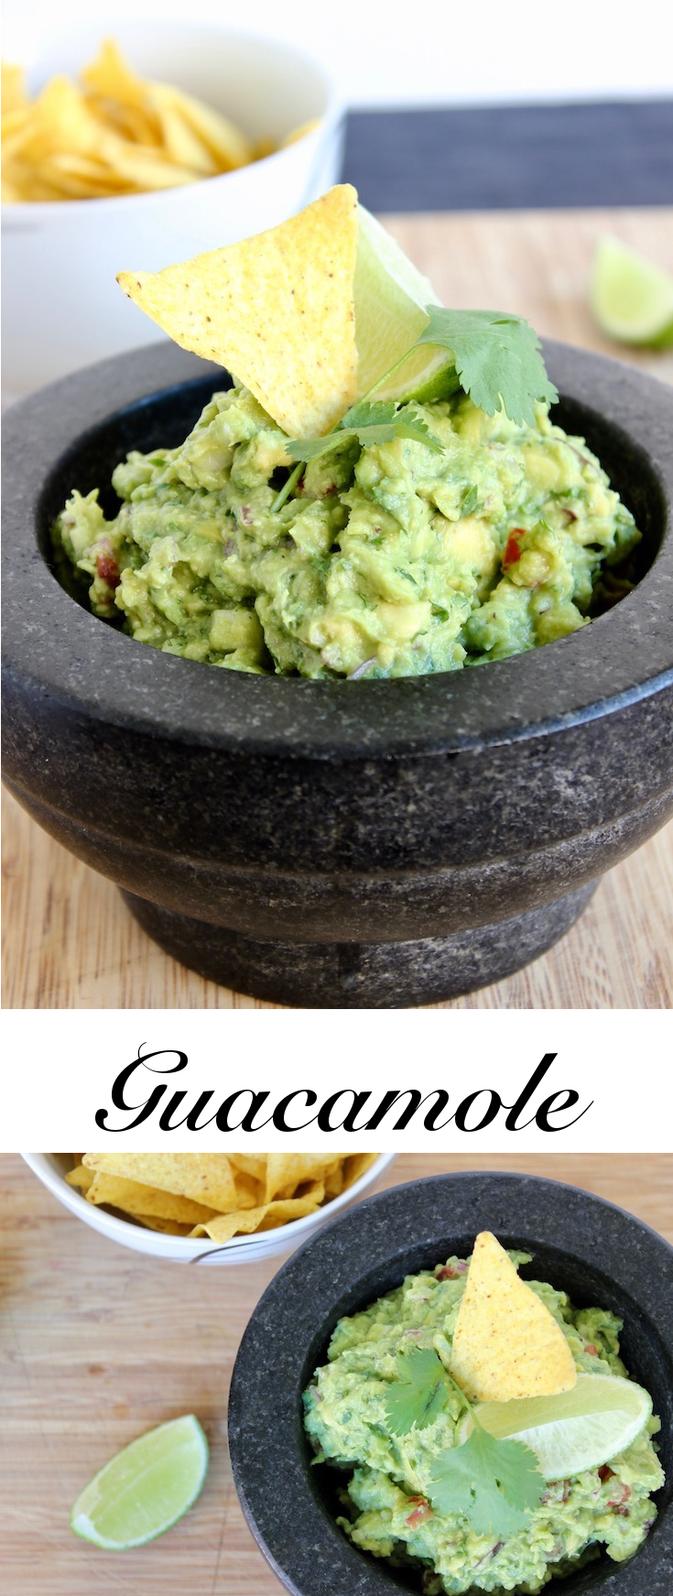 Leckere Guacamole zum Grillen oder einfach als Dip zu Nachos!